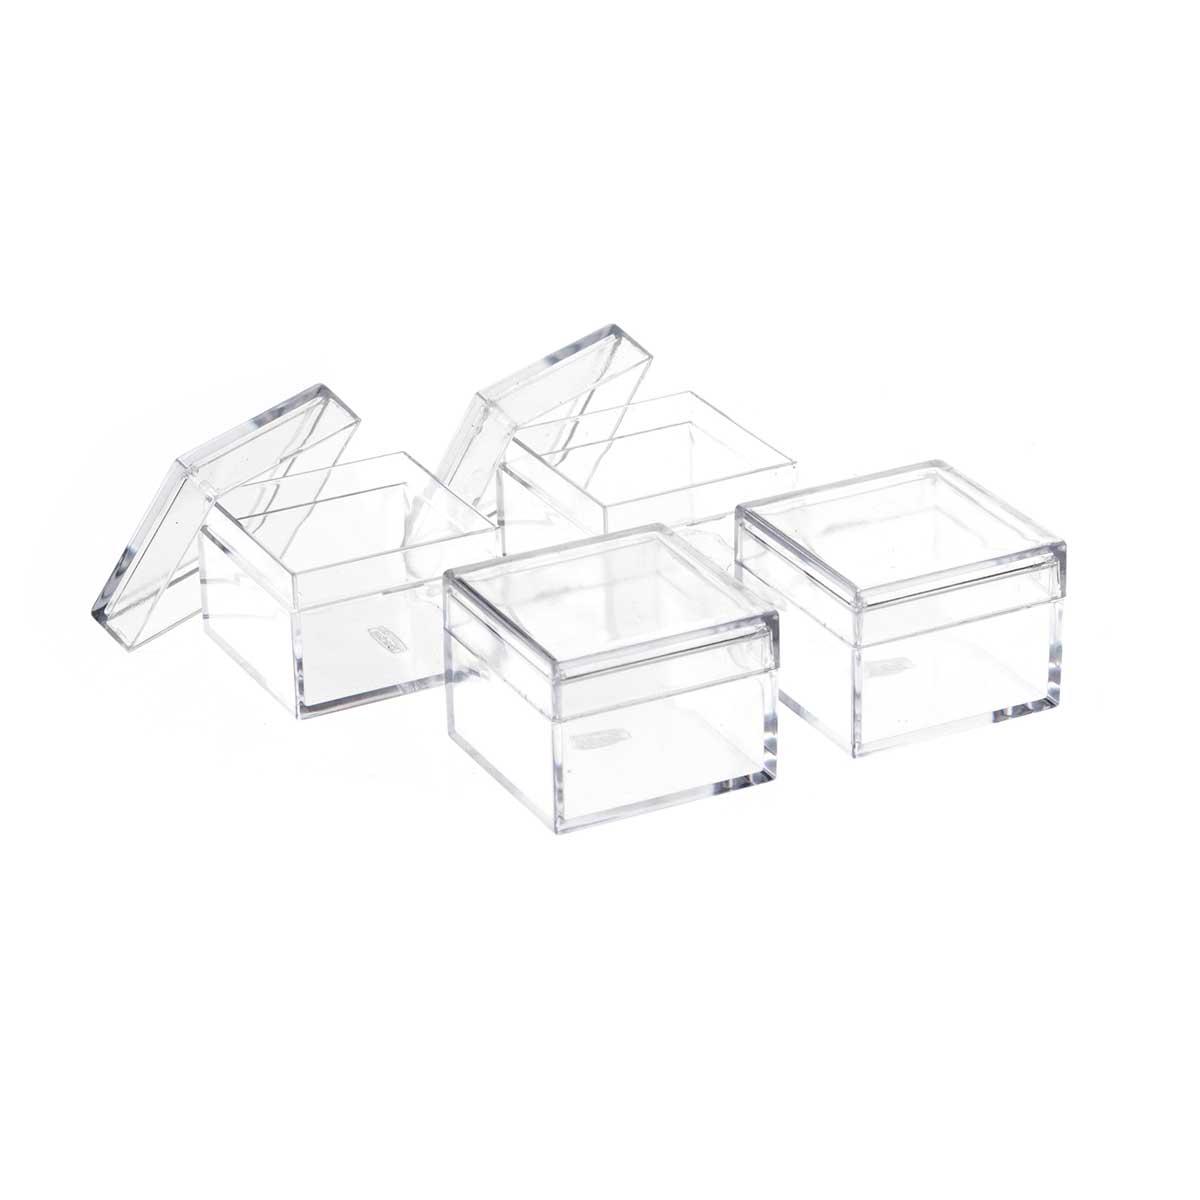 Caixinhas de Acrílico Transparente 4 Peças